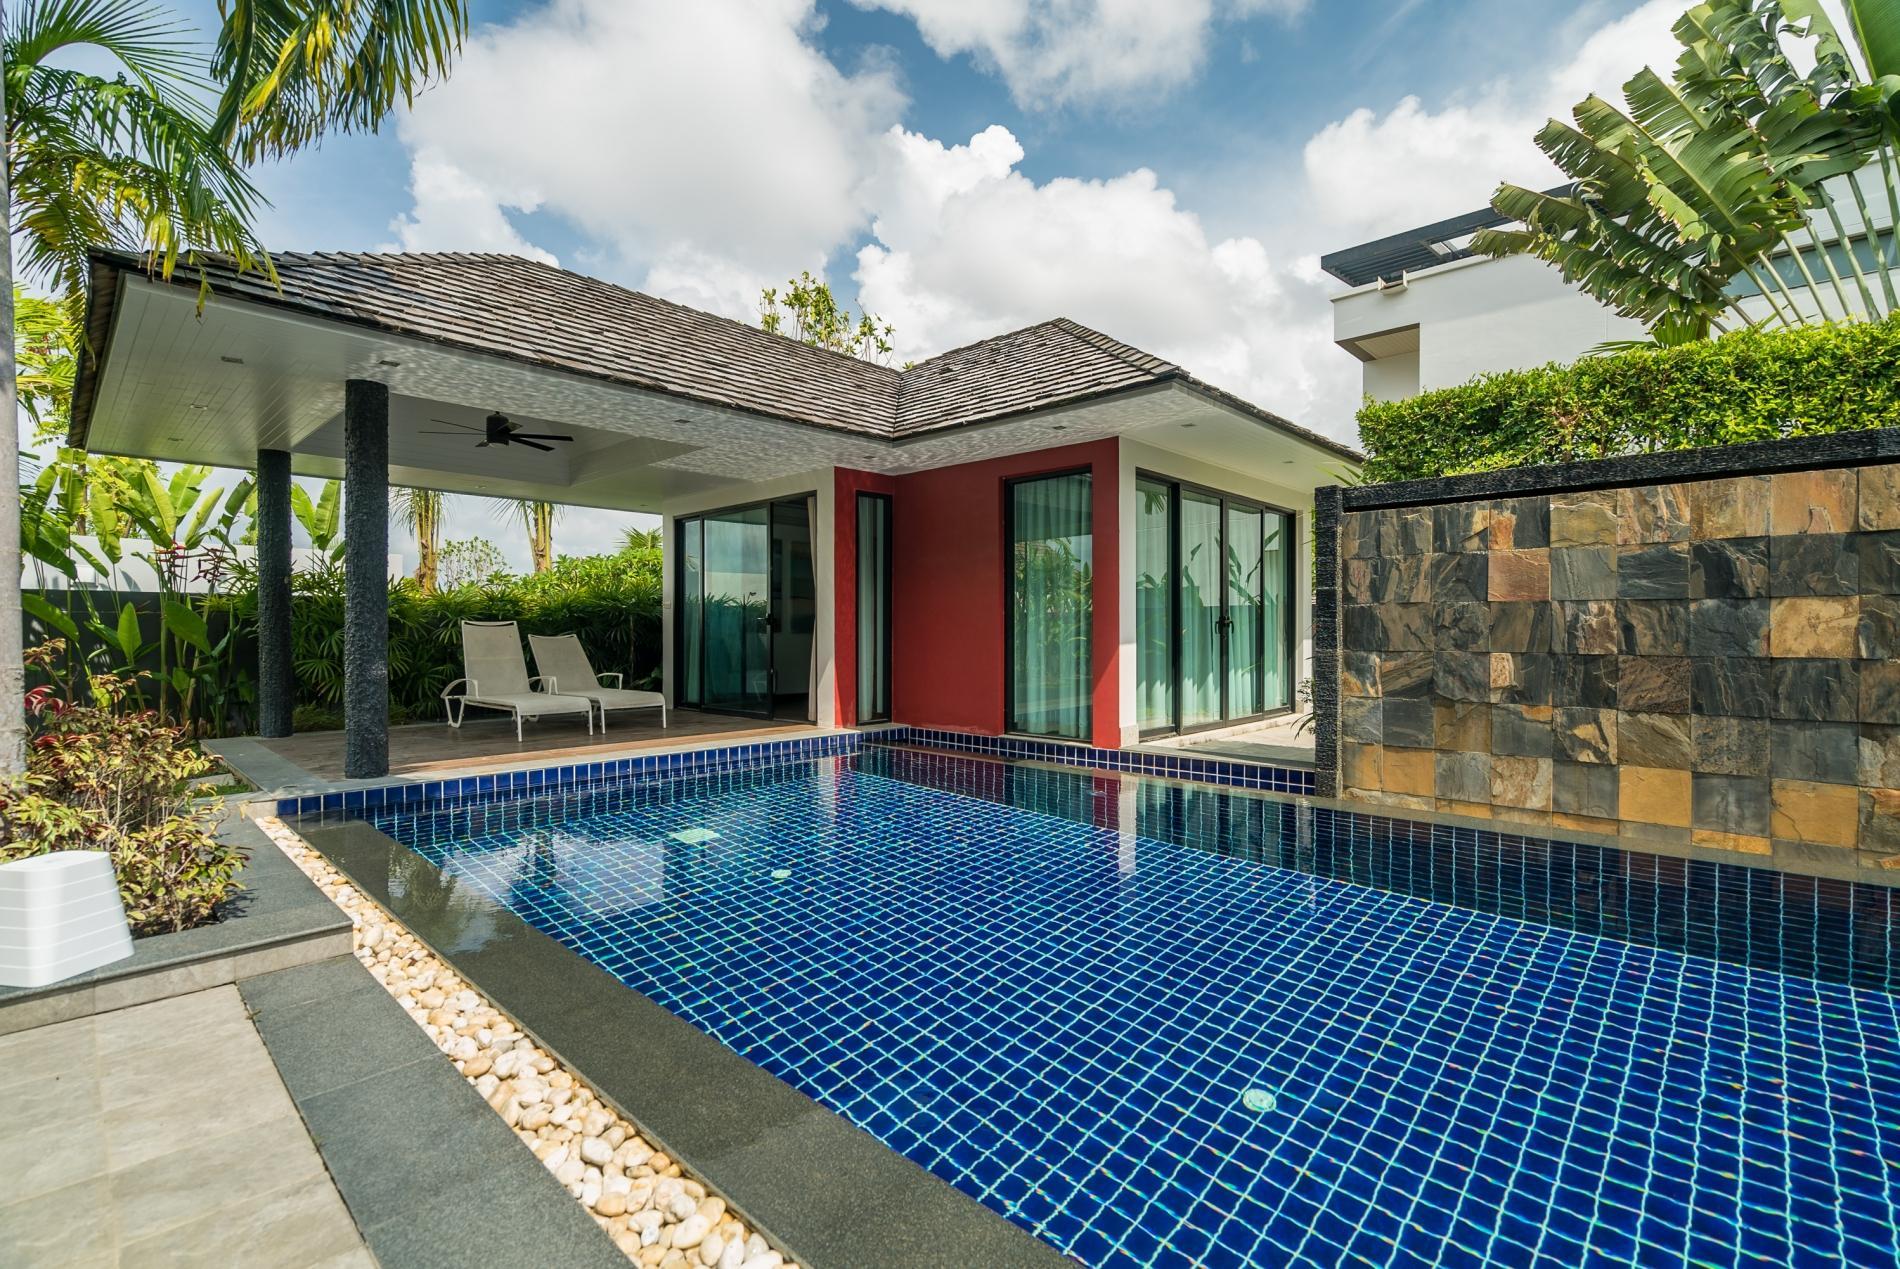 Diamond 272 - Modern 4 br private pool and garden villa